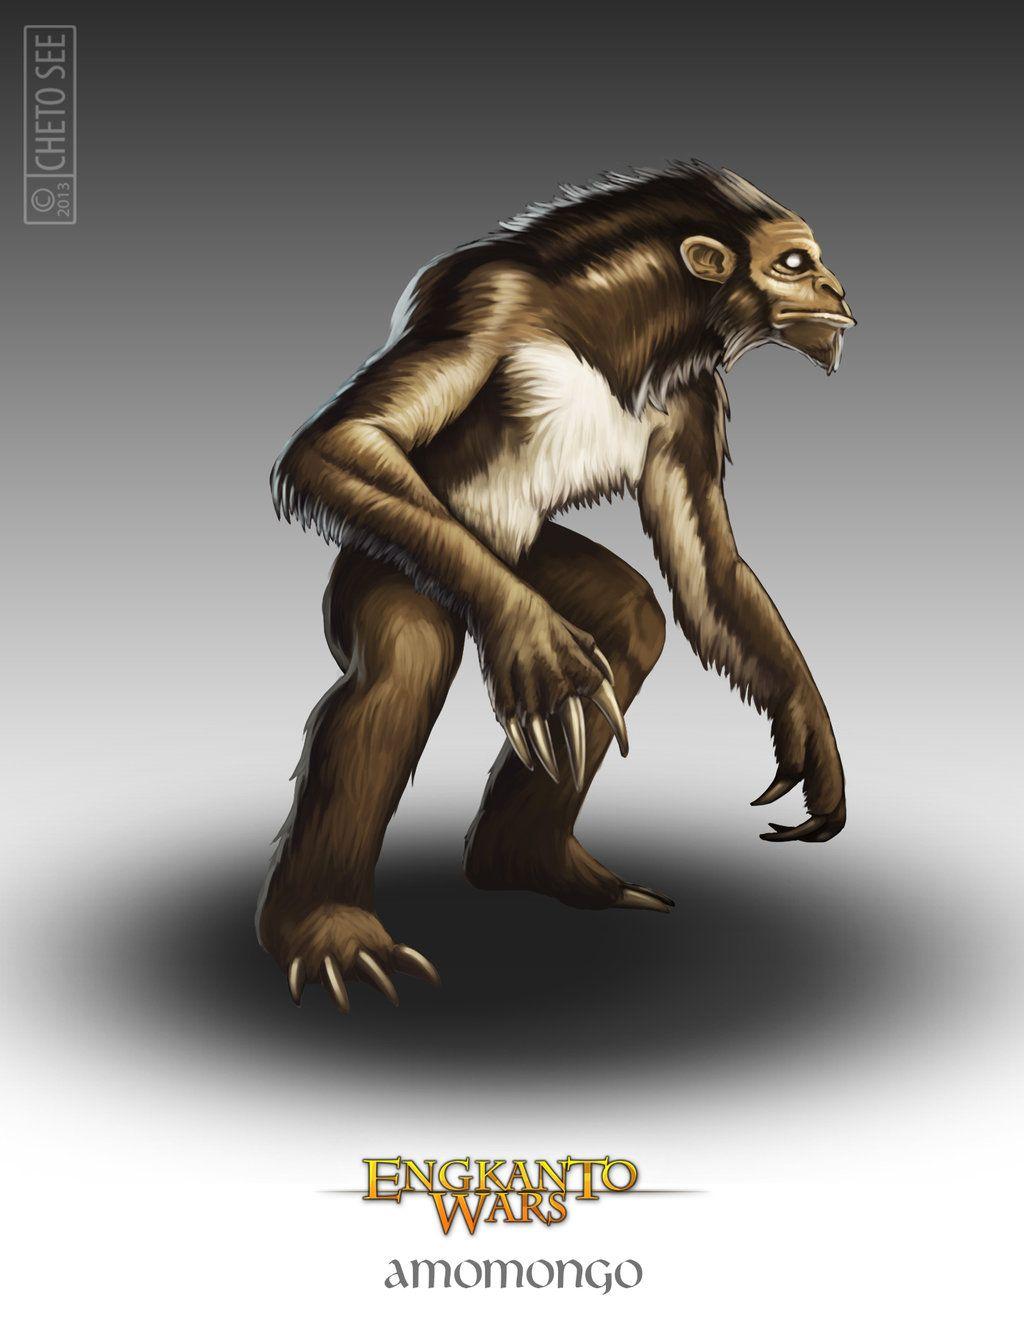 Amomongo - The Amomongo is a creature of Philippine